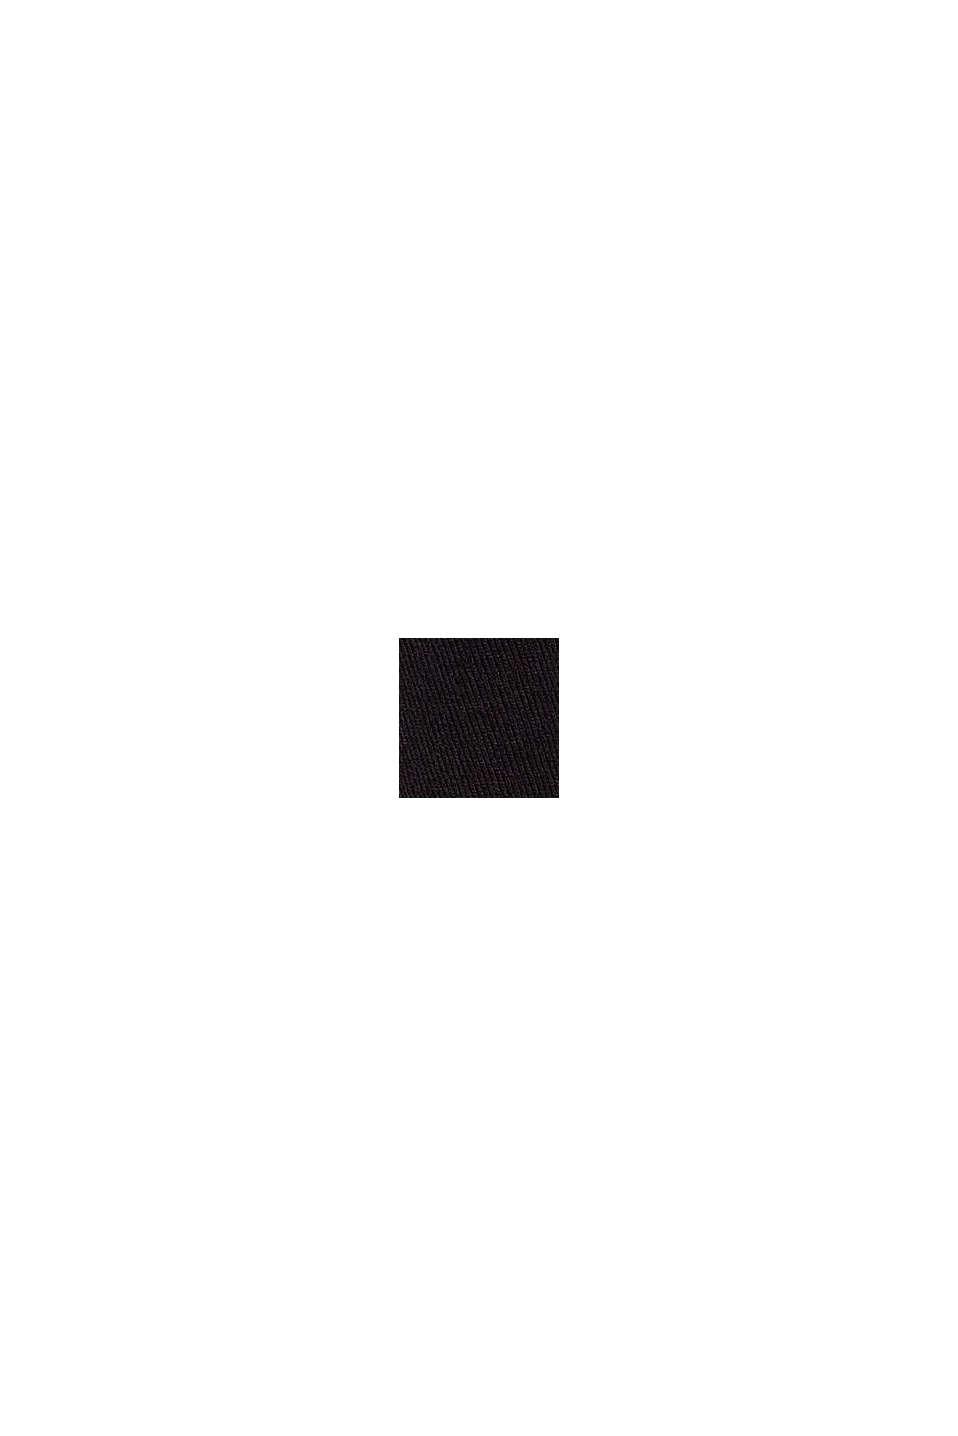 Cardigan ouvert en jersey, BLACK, swatch